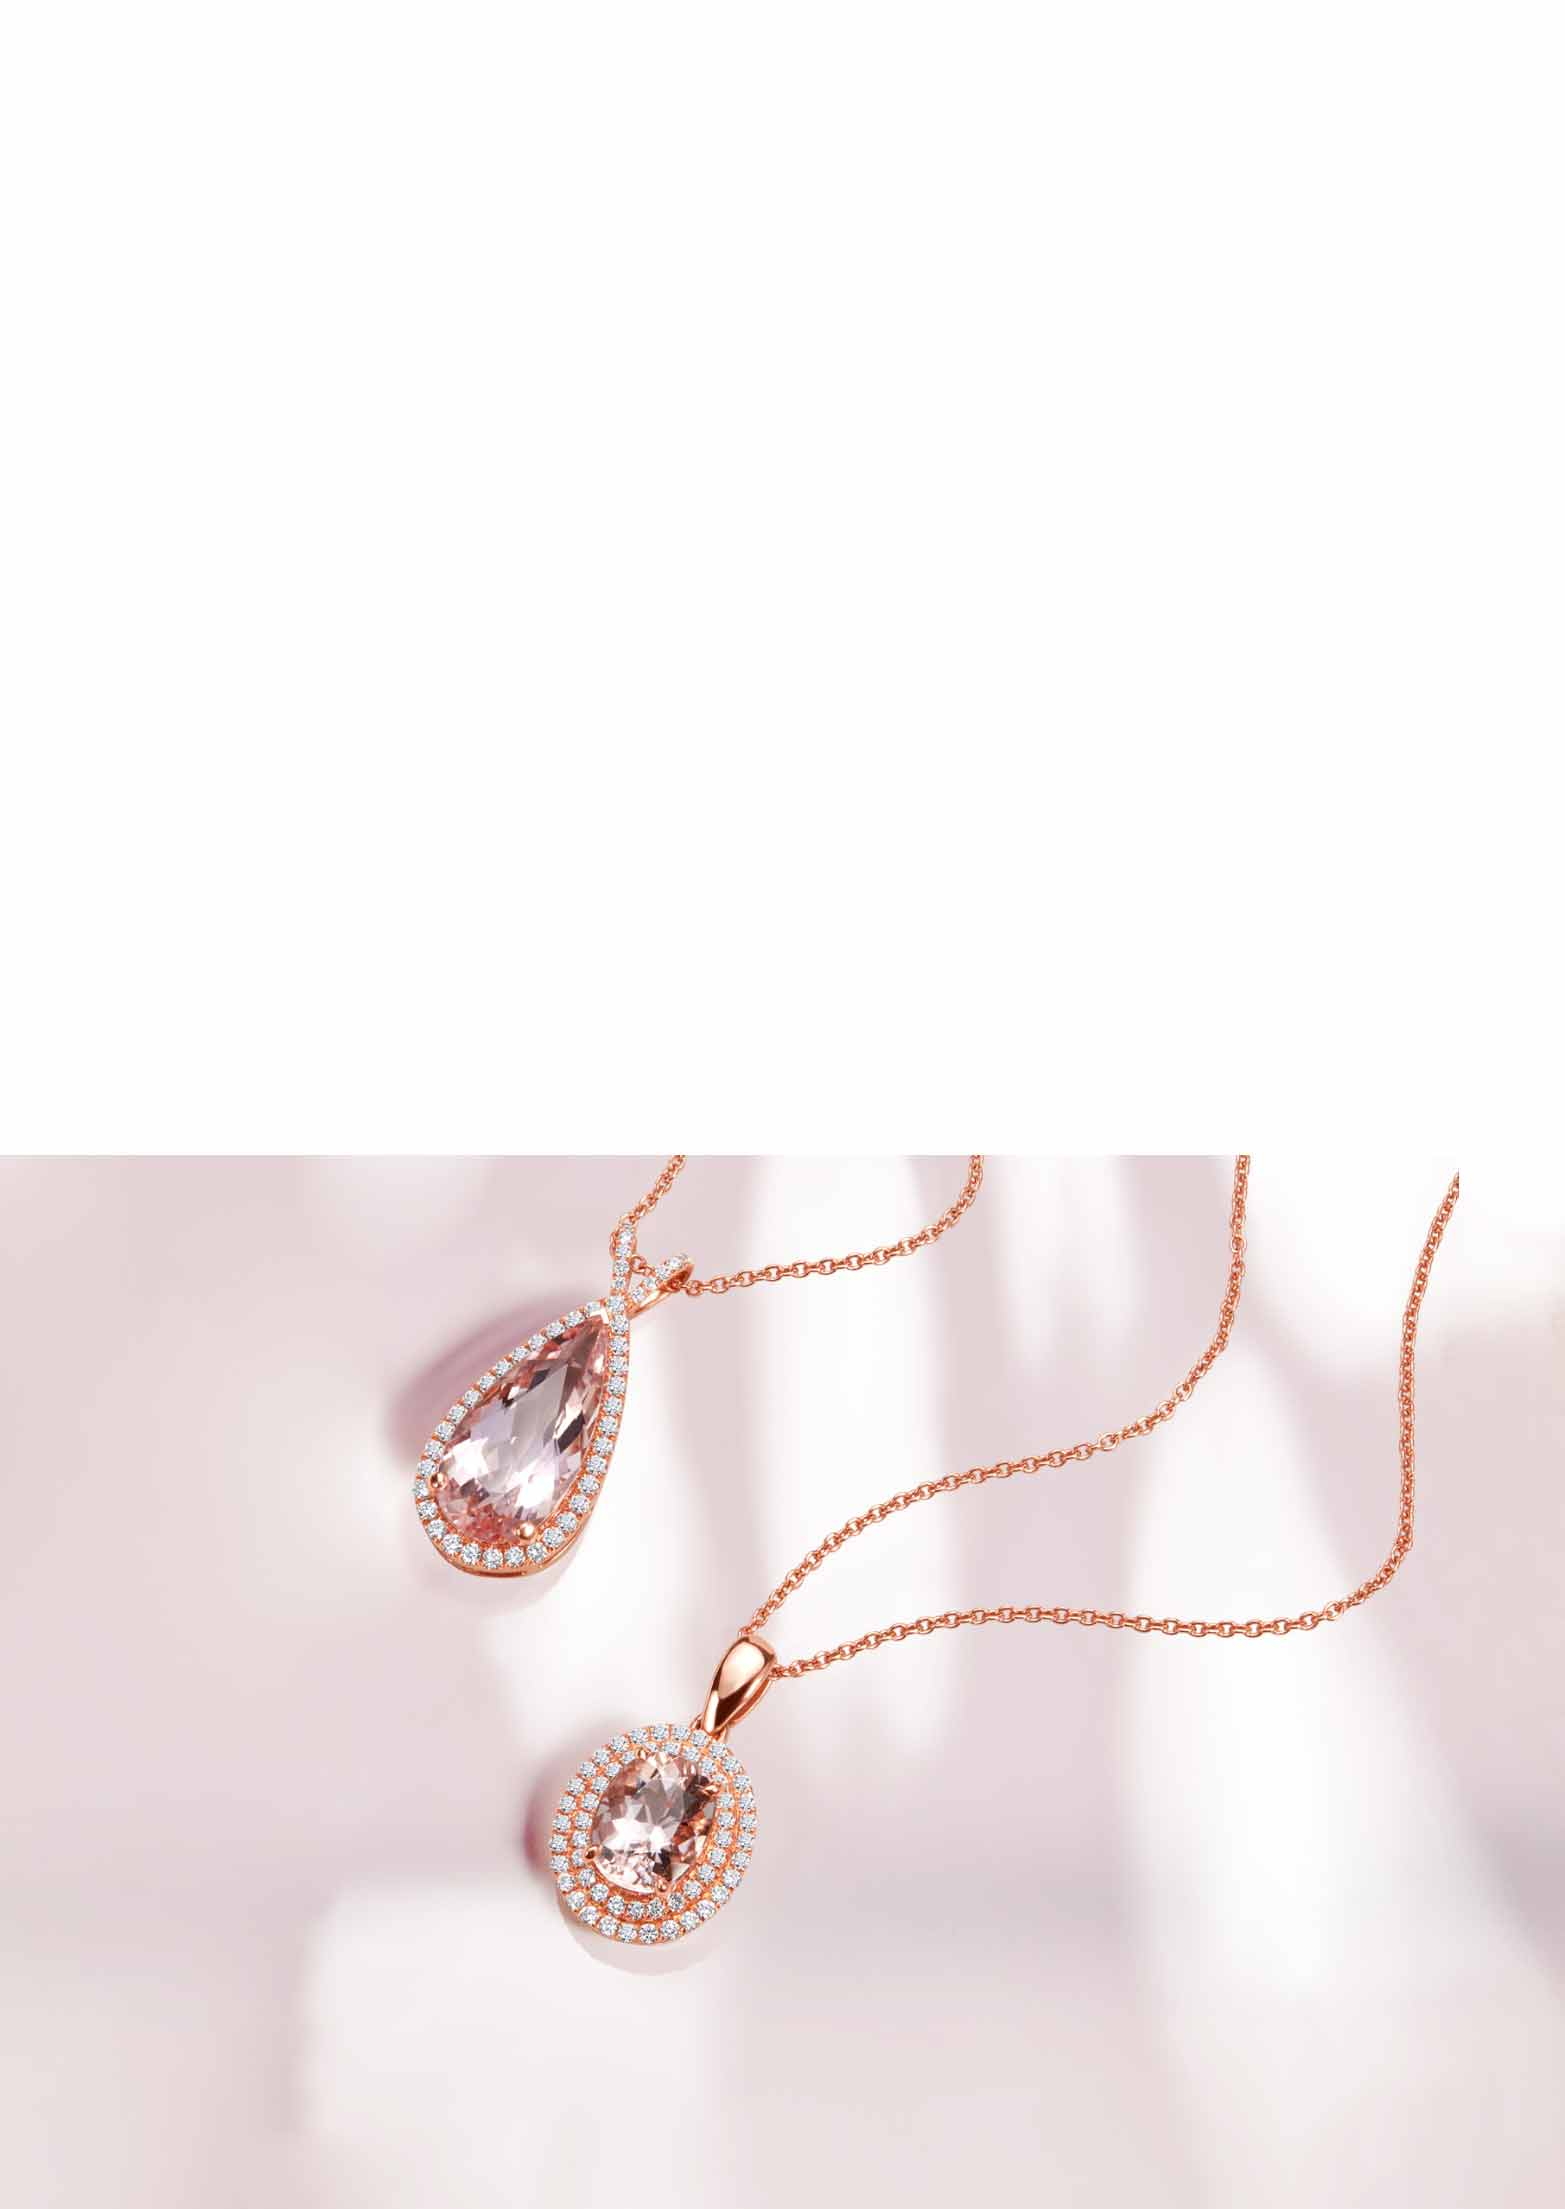 Pendants & Necklaces - Steven Stone